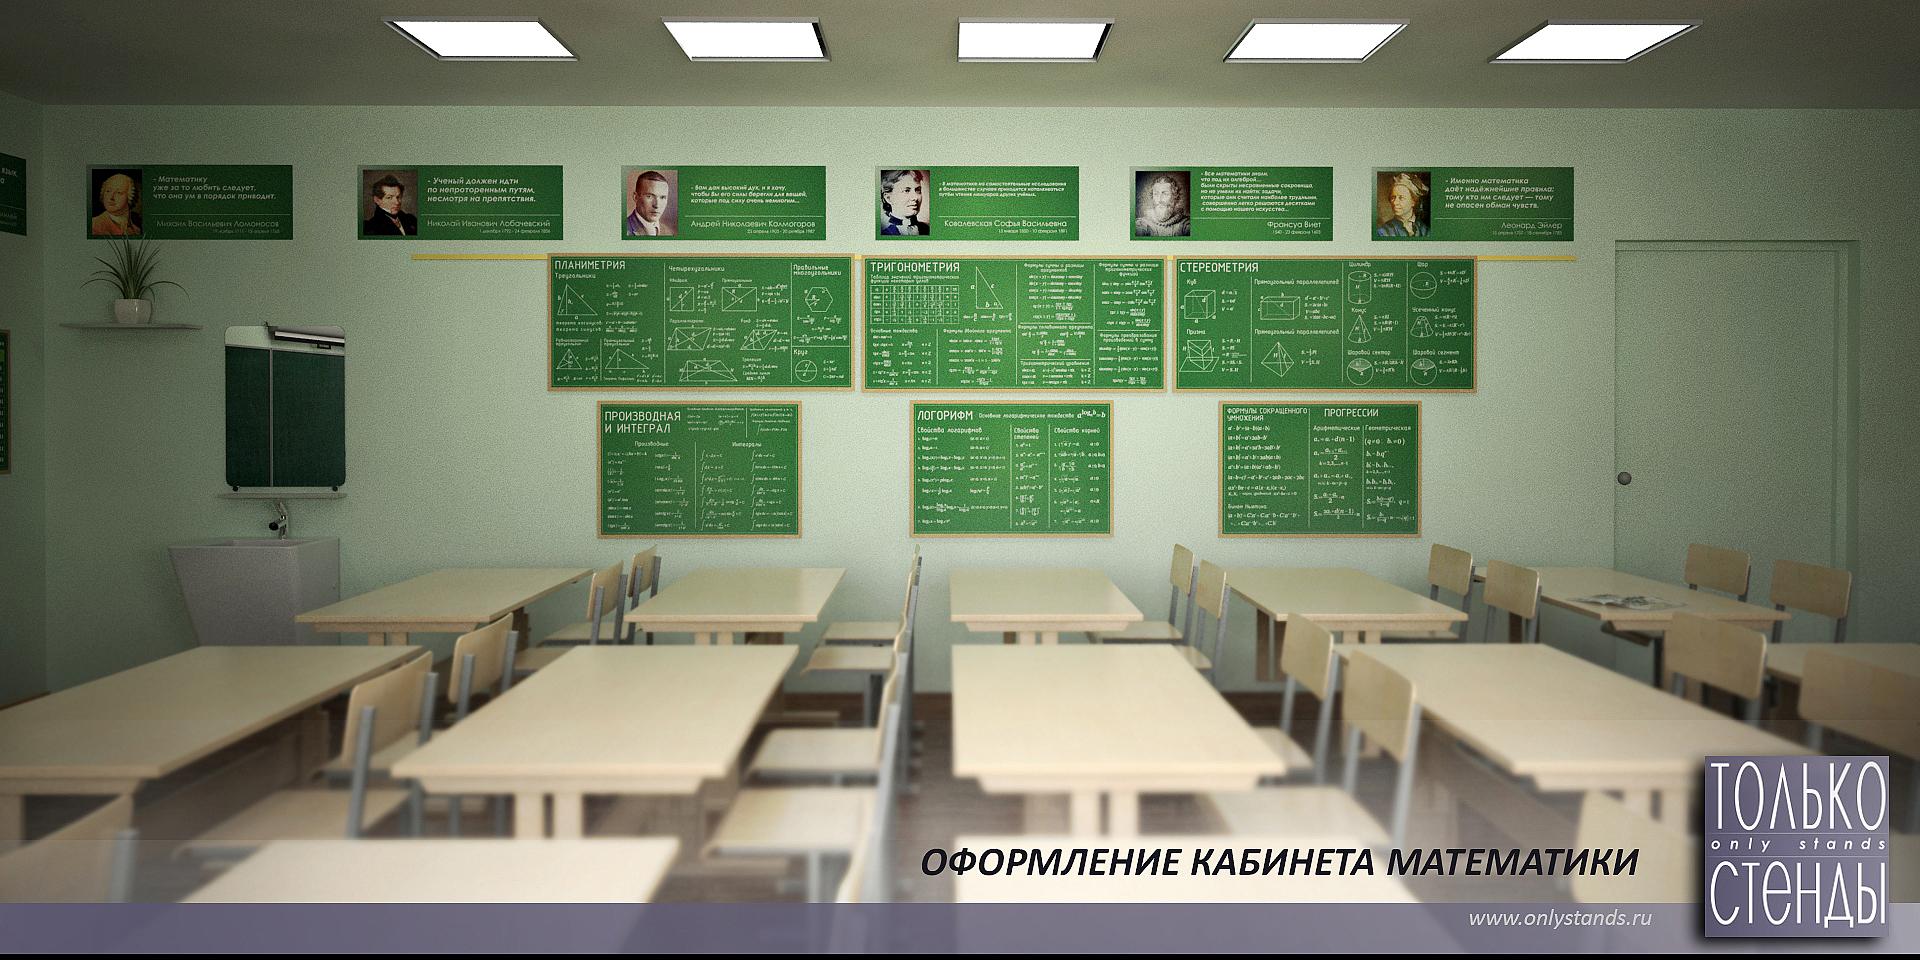 Как оформить кабинет математики в школе своими руками фото